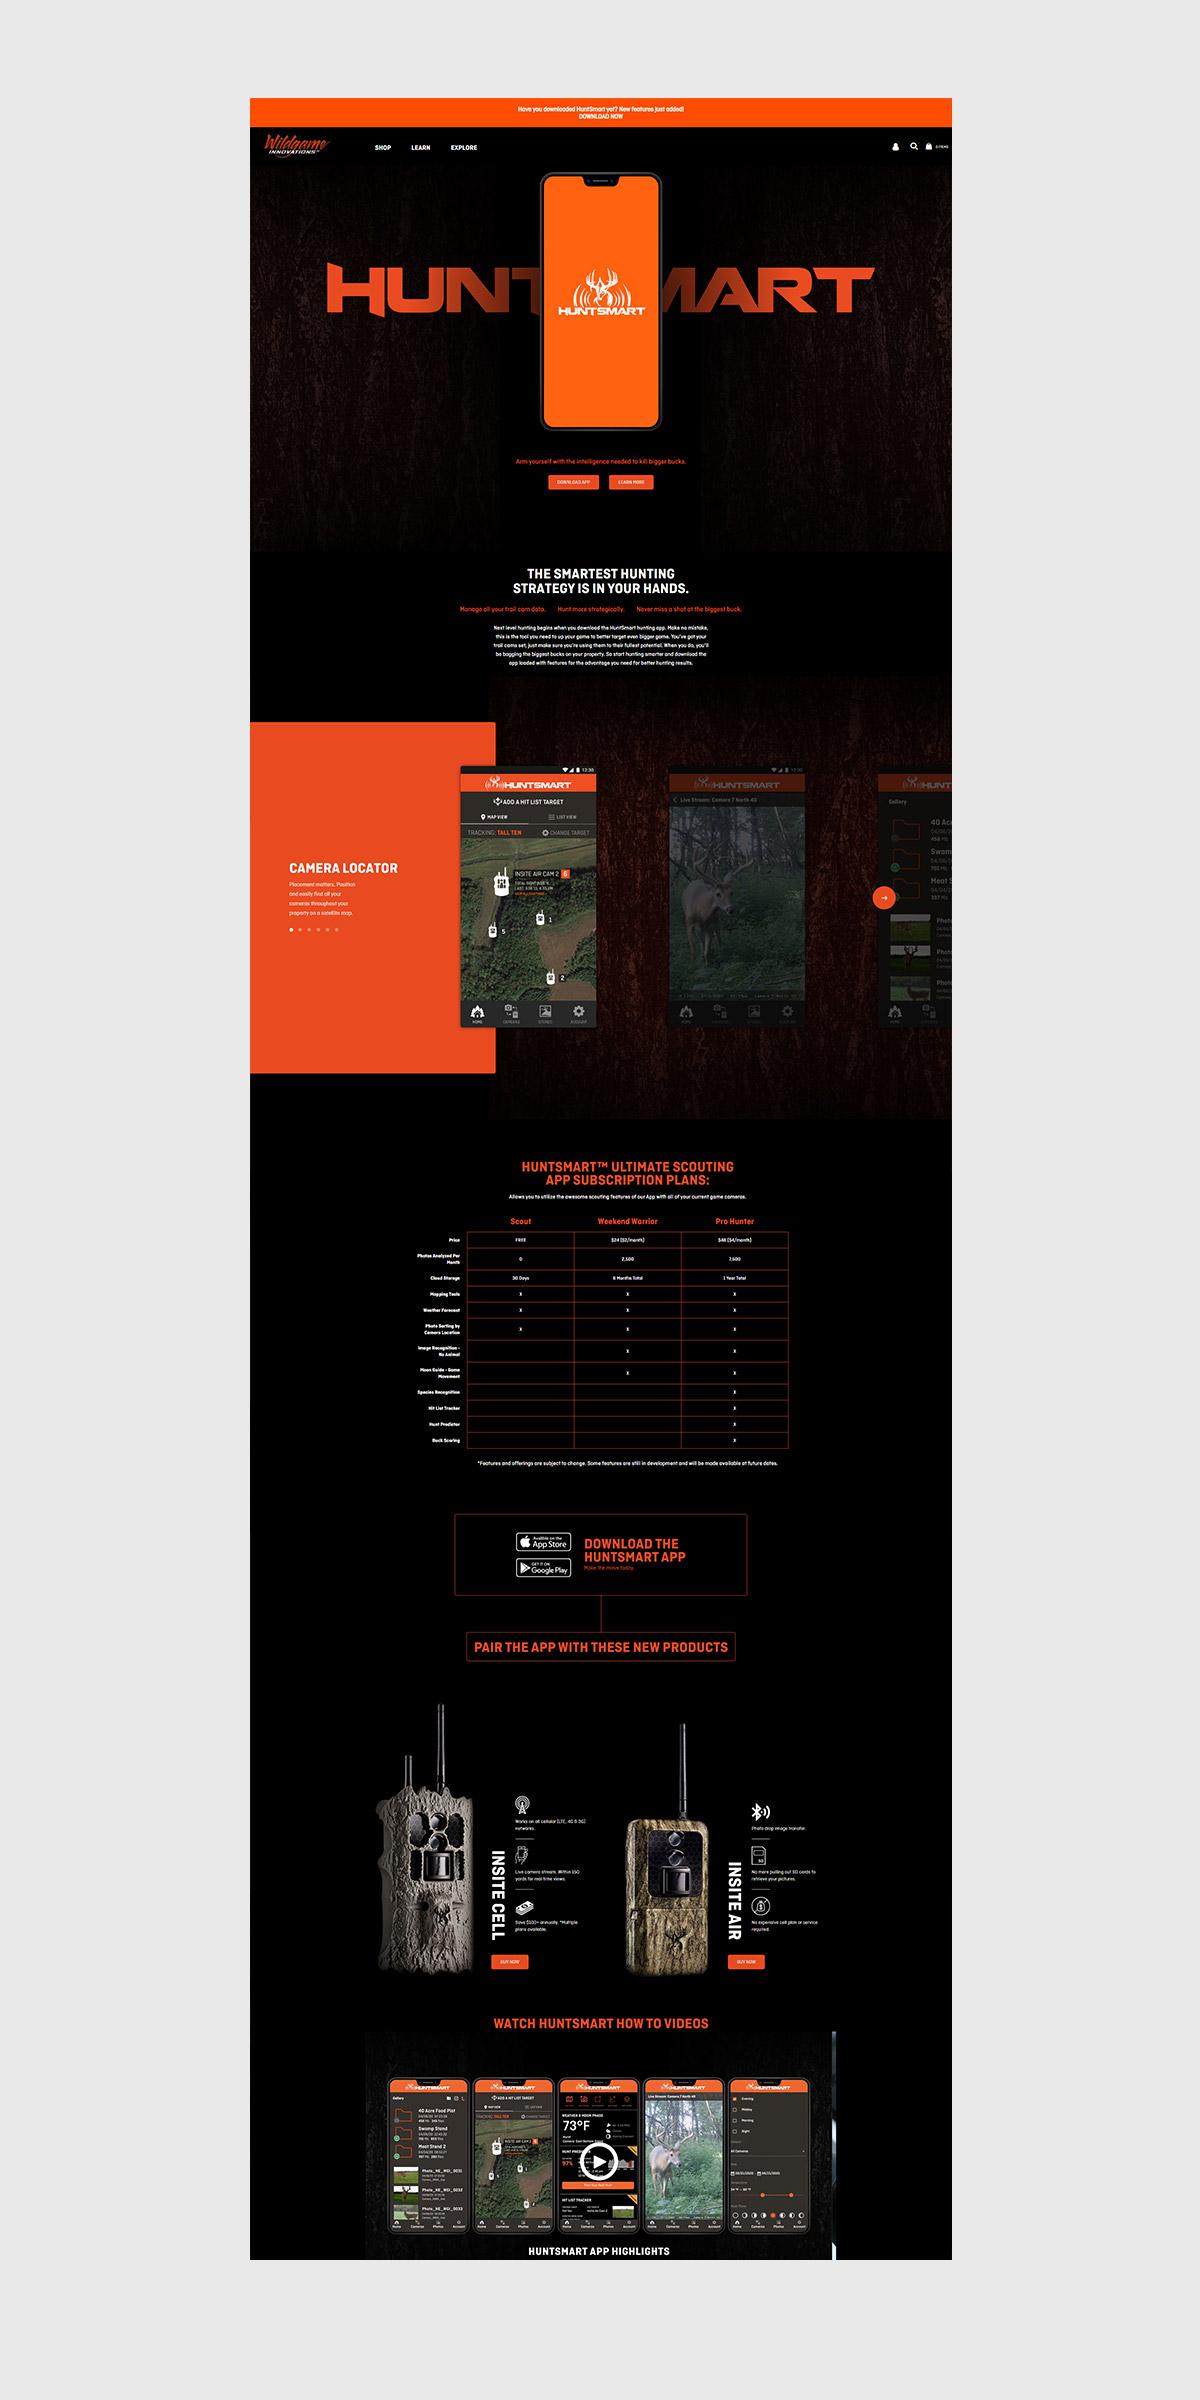 wildgame huntsmart website design